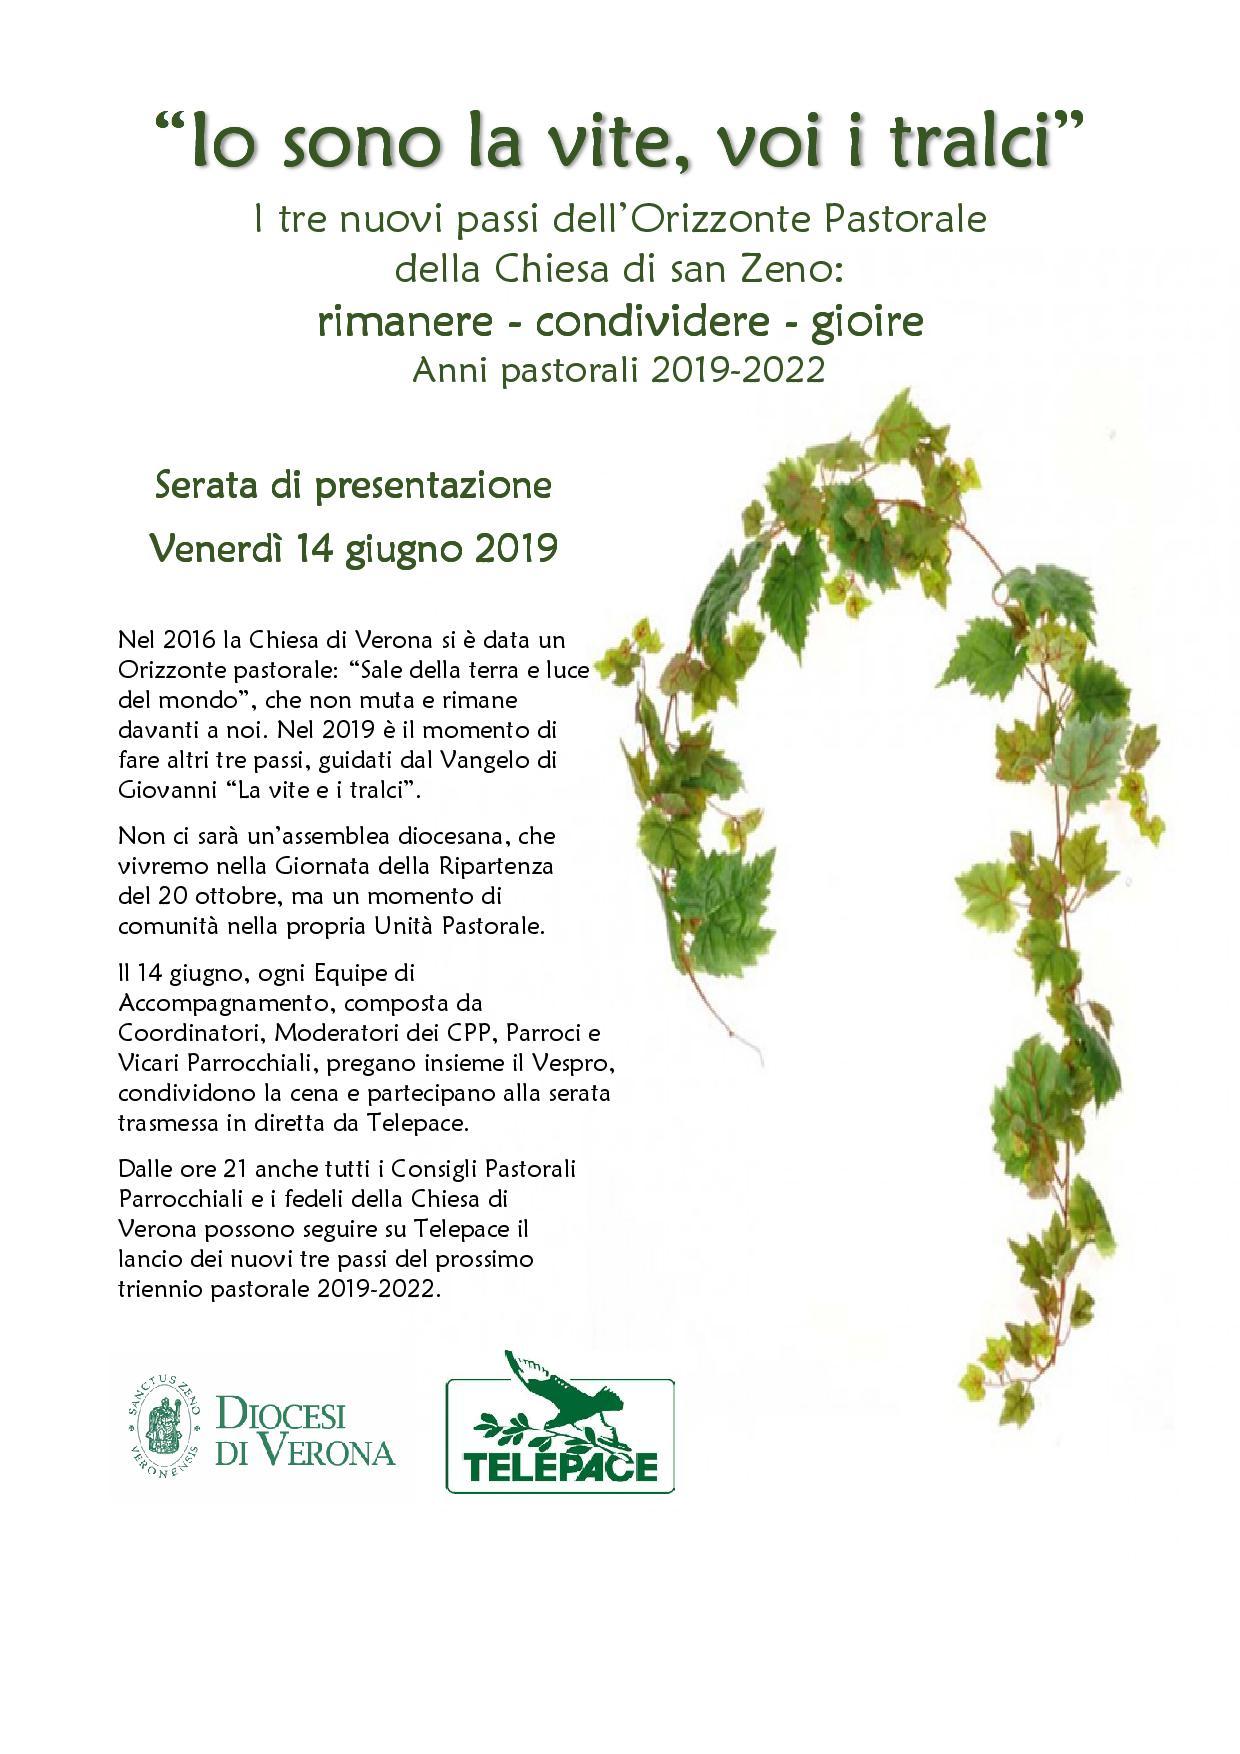 Calendario Dei Trattamenti Della Vite 2019.Parrocchia Sacro Cuore Verona News